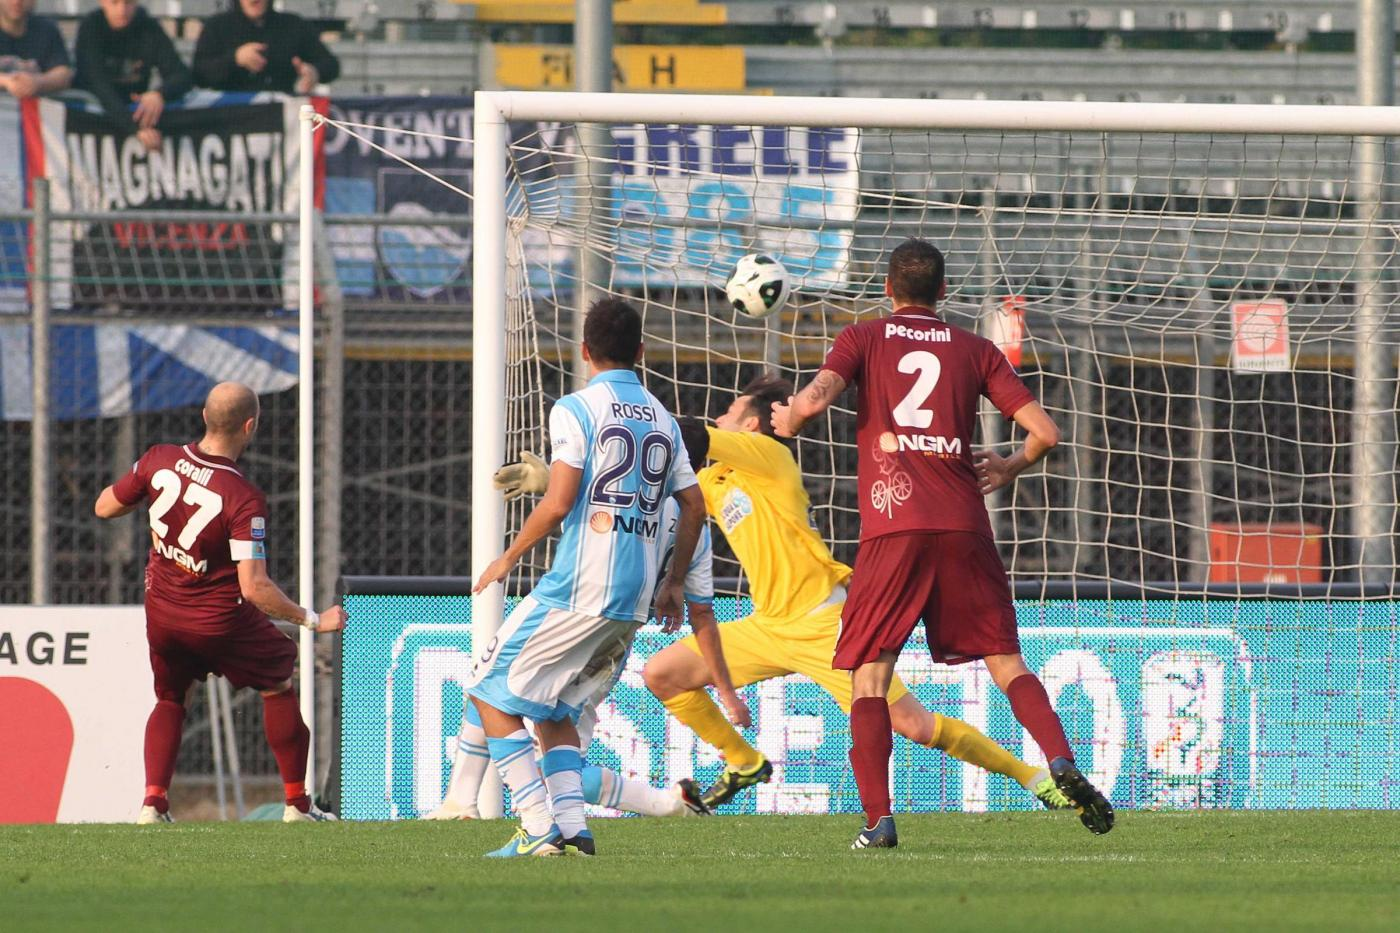 L'anno scorso partita sfortunata, passò il Pescara 1 a 0. Nella foto un gol annullato a Coralli.